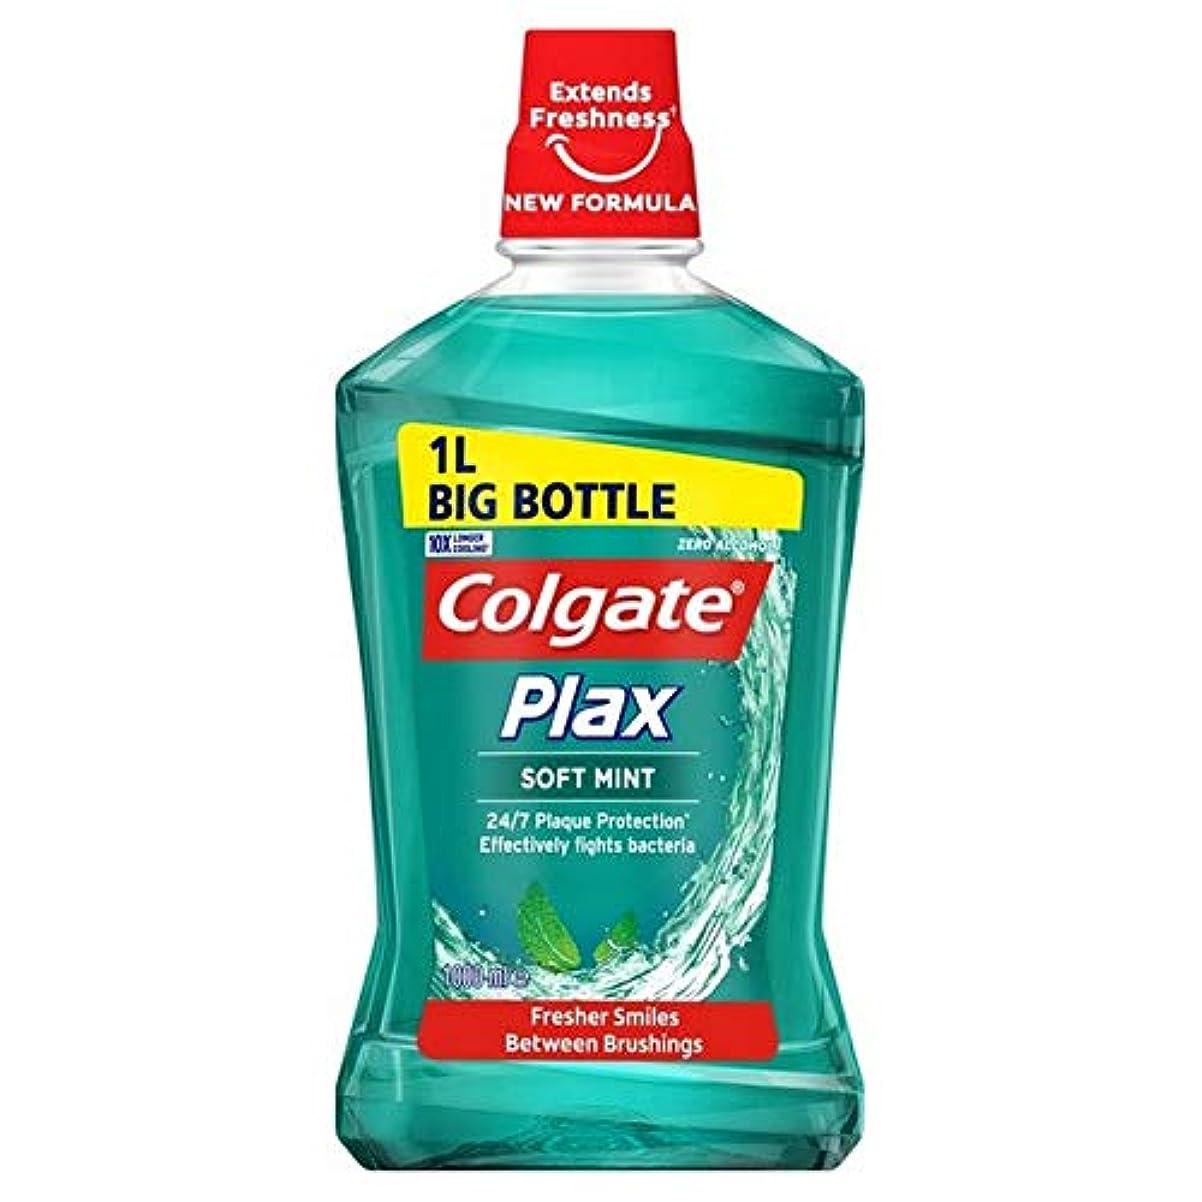 基礎理論記憶に残る早く[Colgate ] コルゲートPlaxソフトミントマウスウォッシュ1リットル - Colgate Plax Soft Mint Mouthwash 1L [並行輸入品]